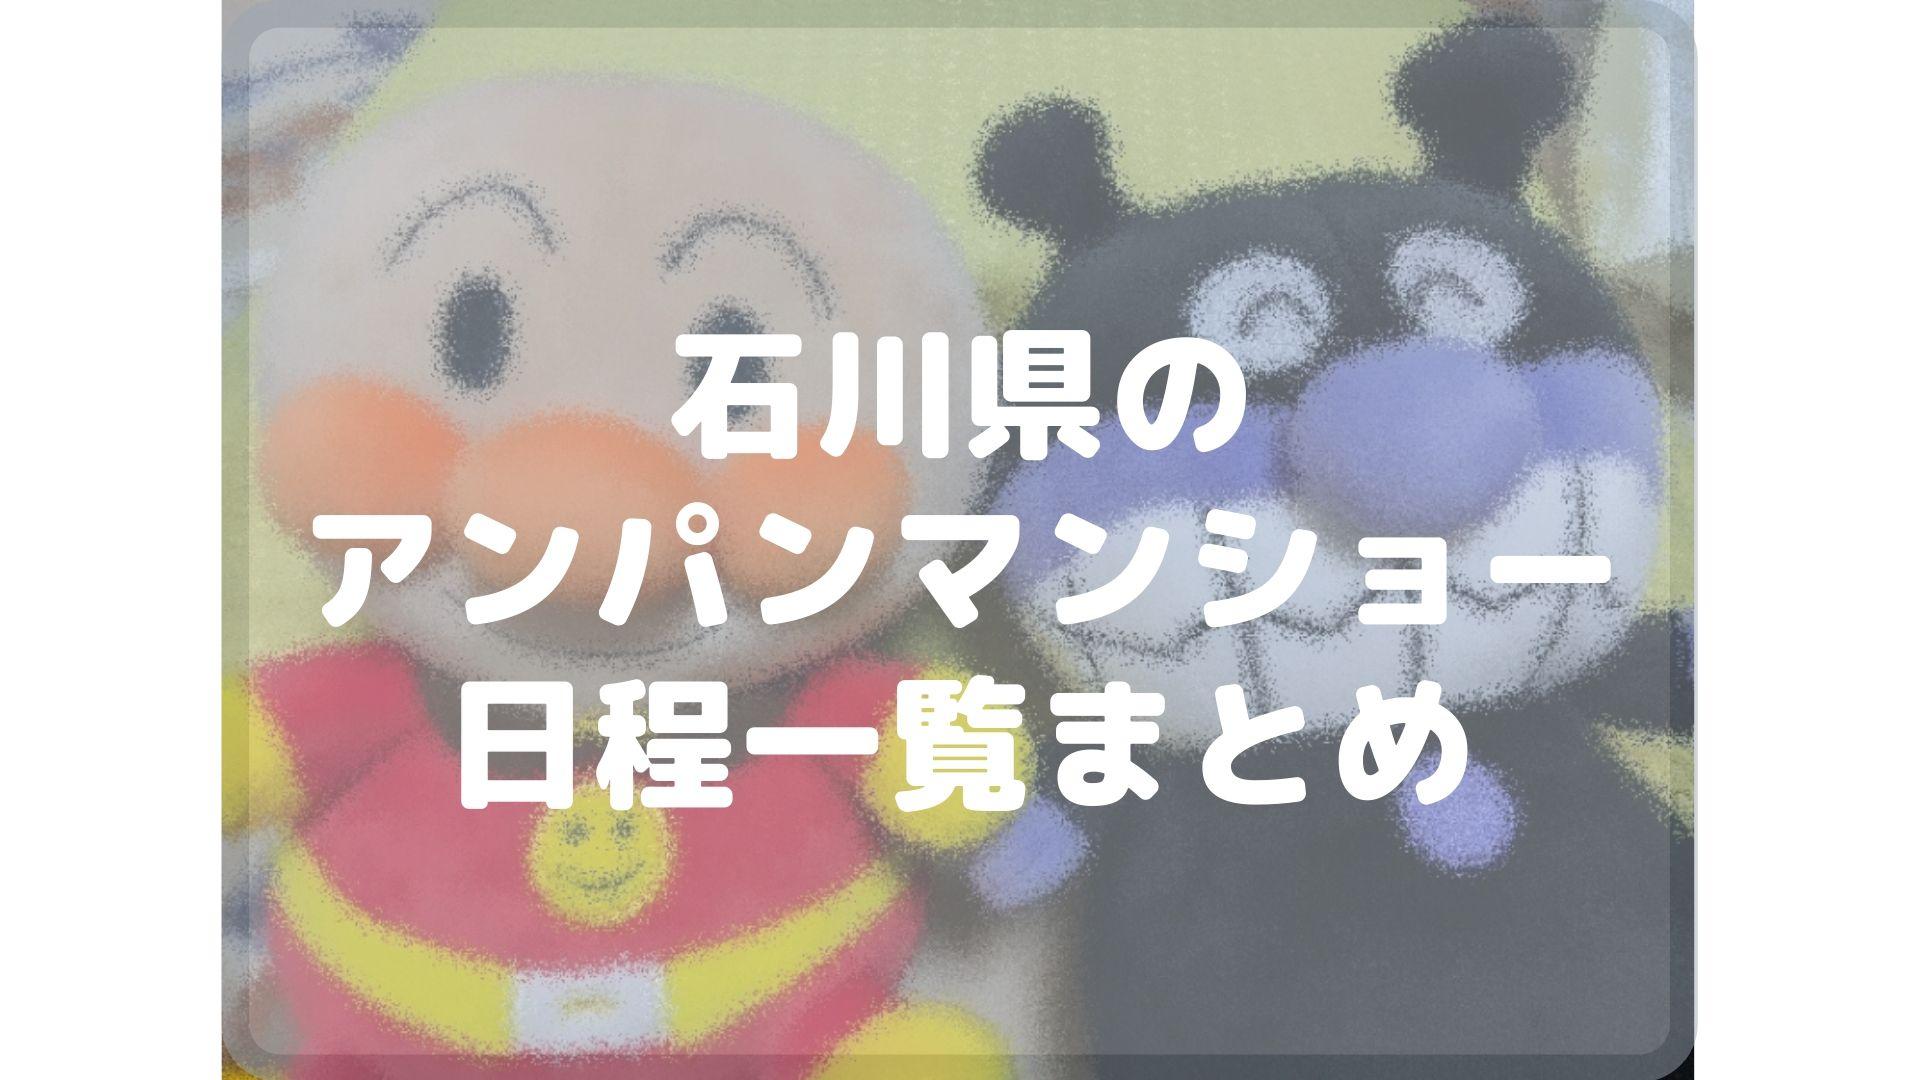 石川県のアンパンマンショーまとめタイトル画像